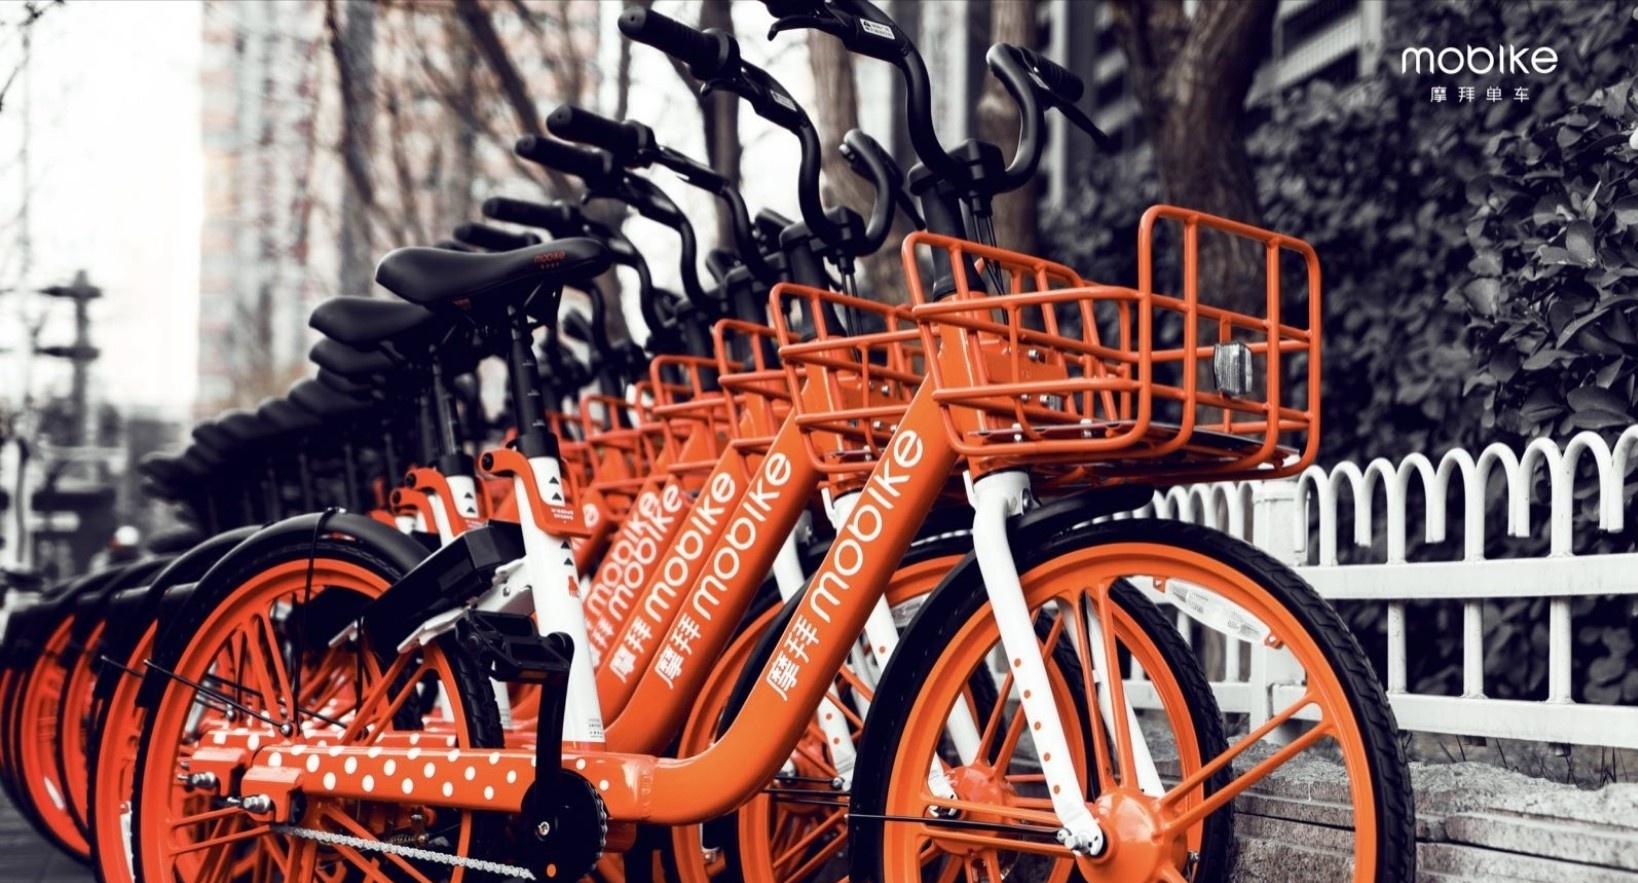 摩拜单车被美团收购 交易细节官方仍未披露的照片 - 1